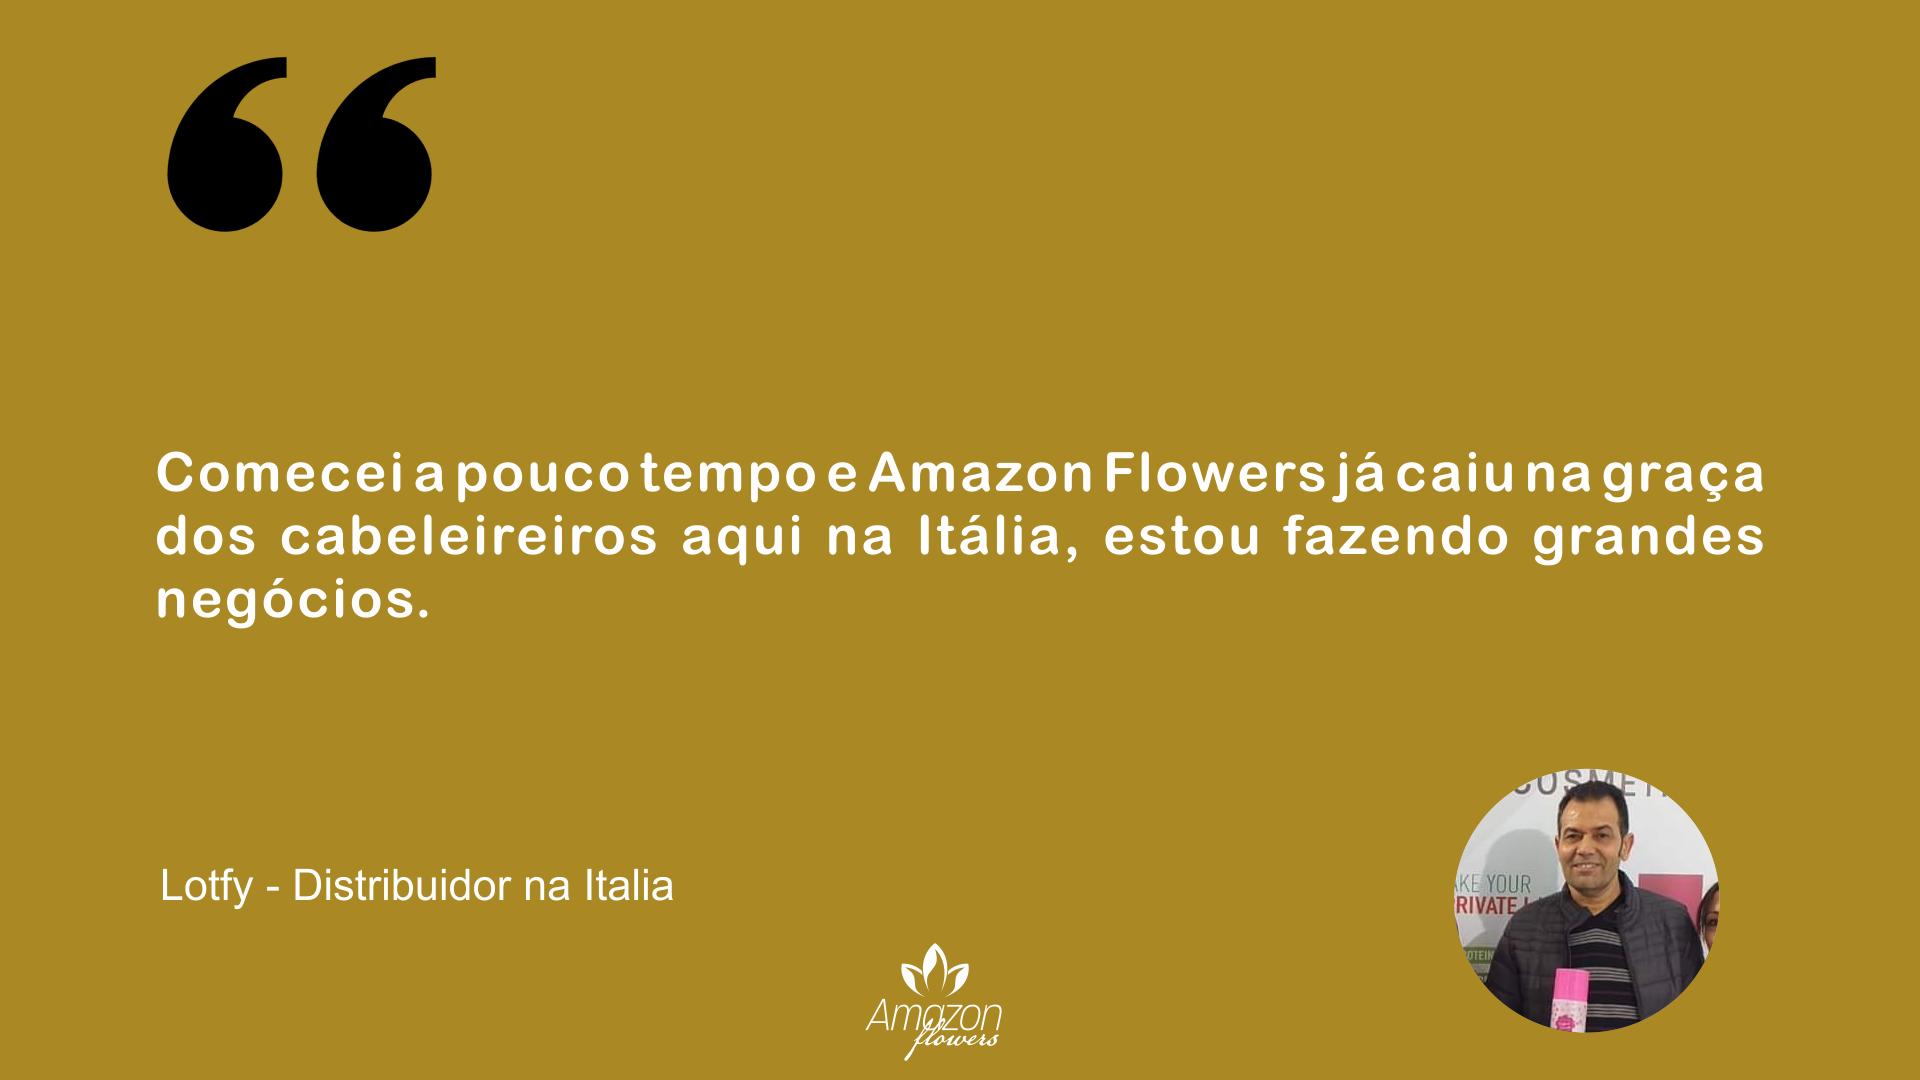 Lotfy - Distribuidor na Italia